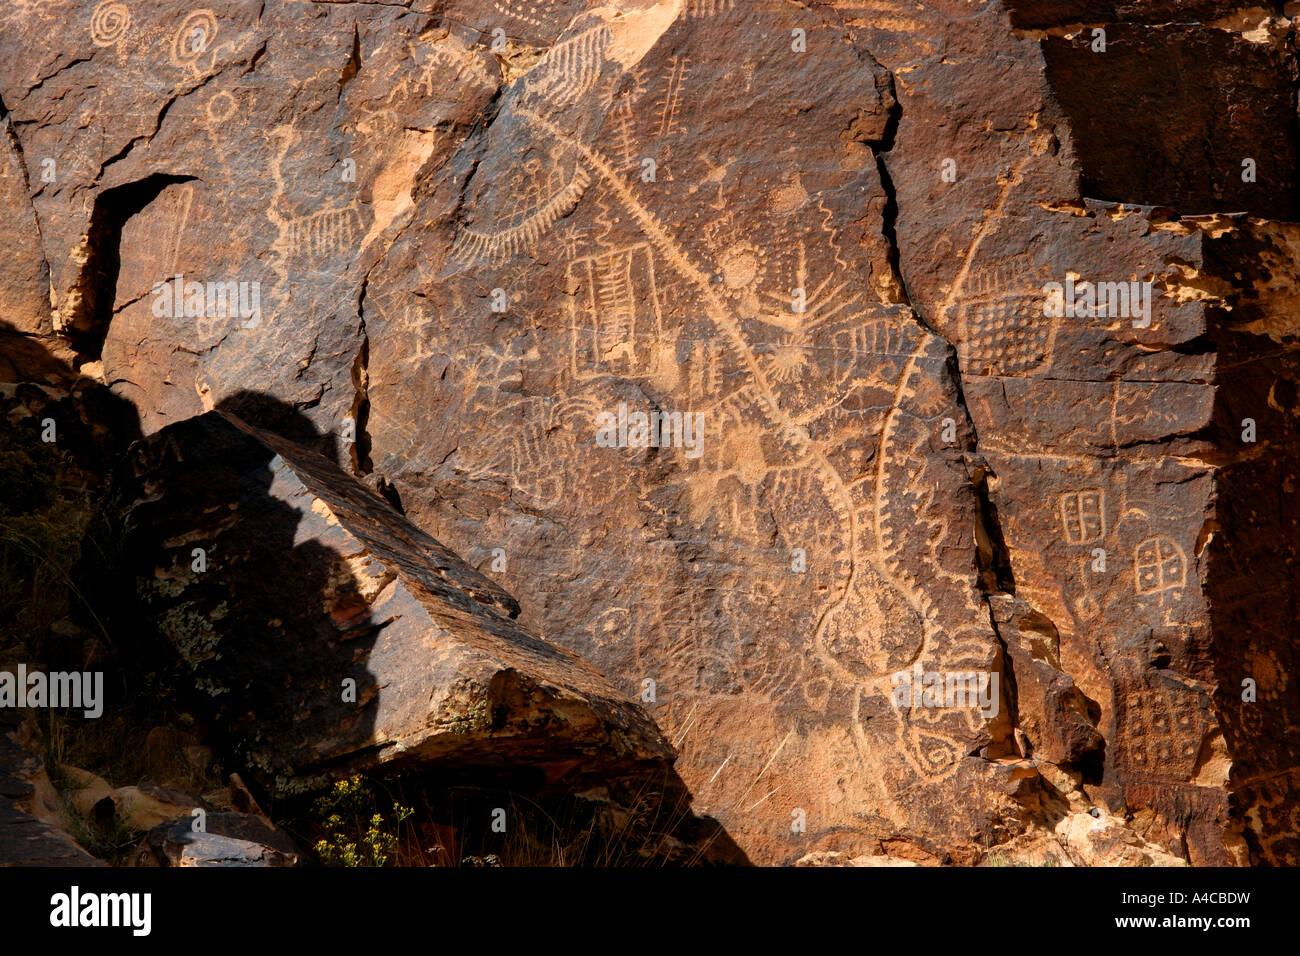 parowan gap petroglyphs, utah Stock Photo